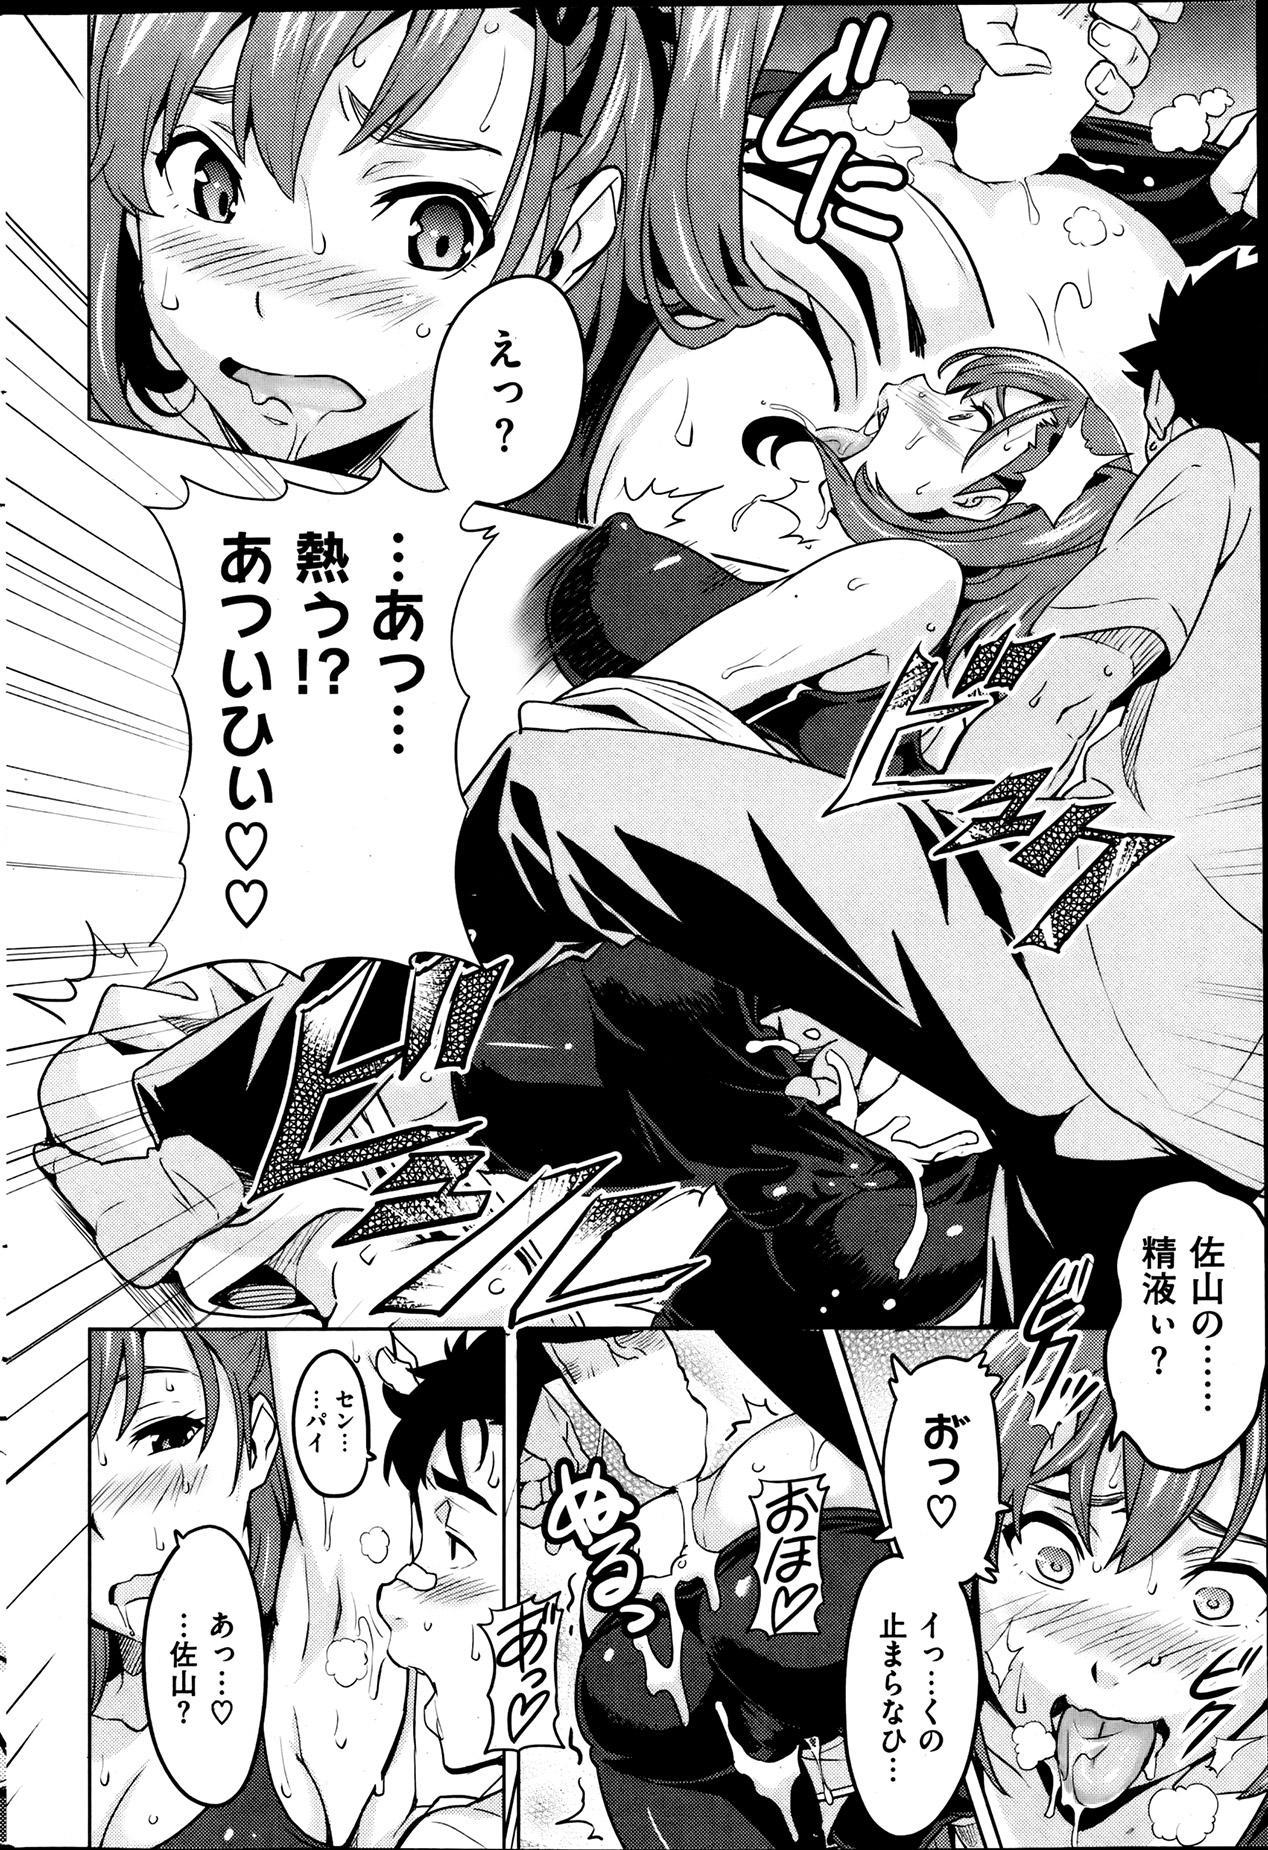 COMIC HANA-MAN 2013-08 Takeda Hiromitsu Tokushuu 39